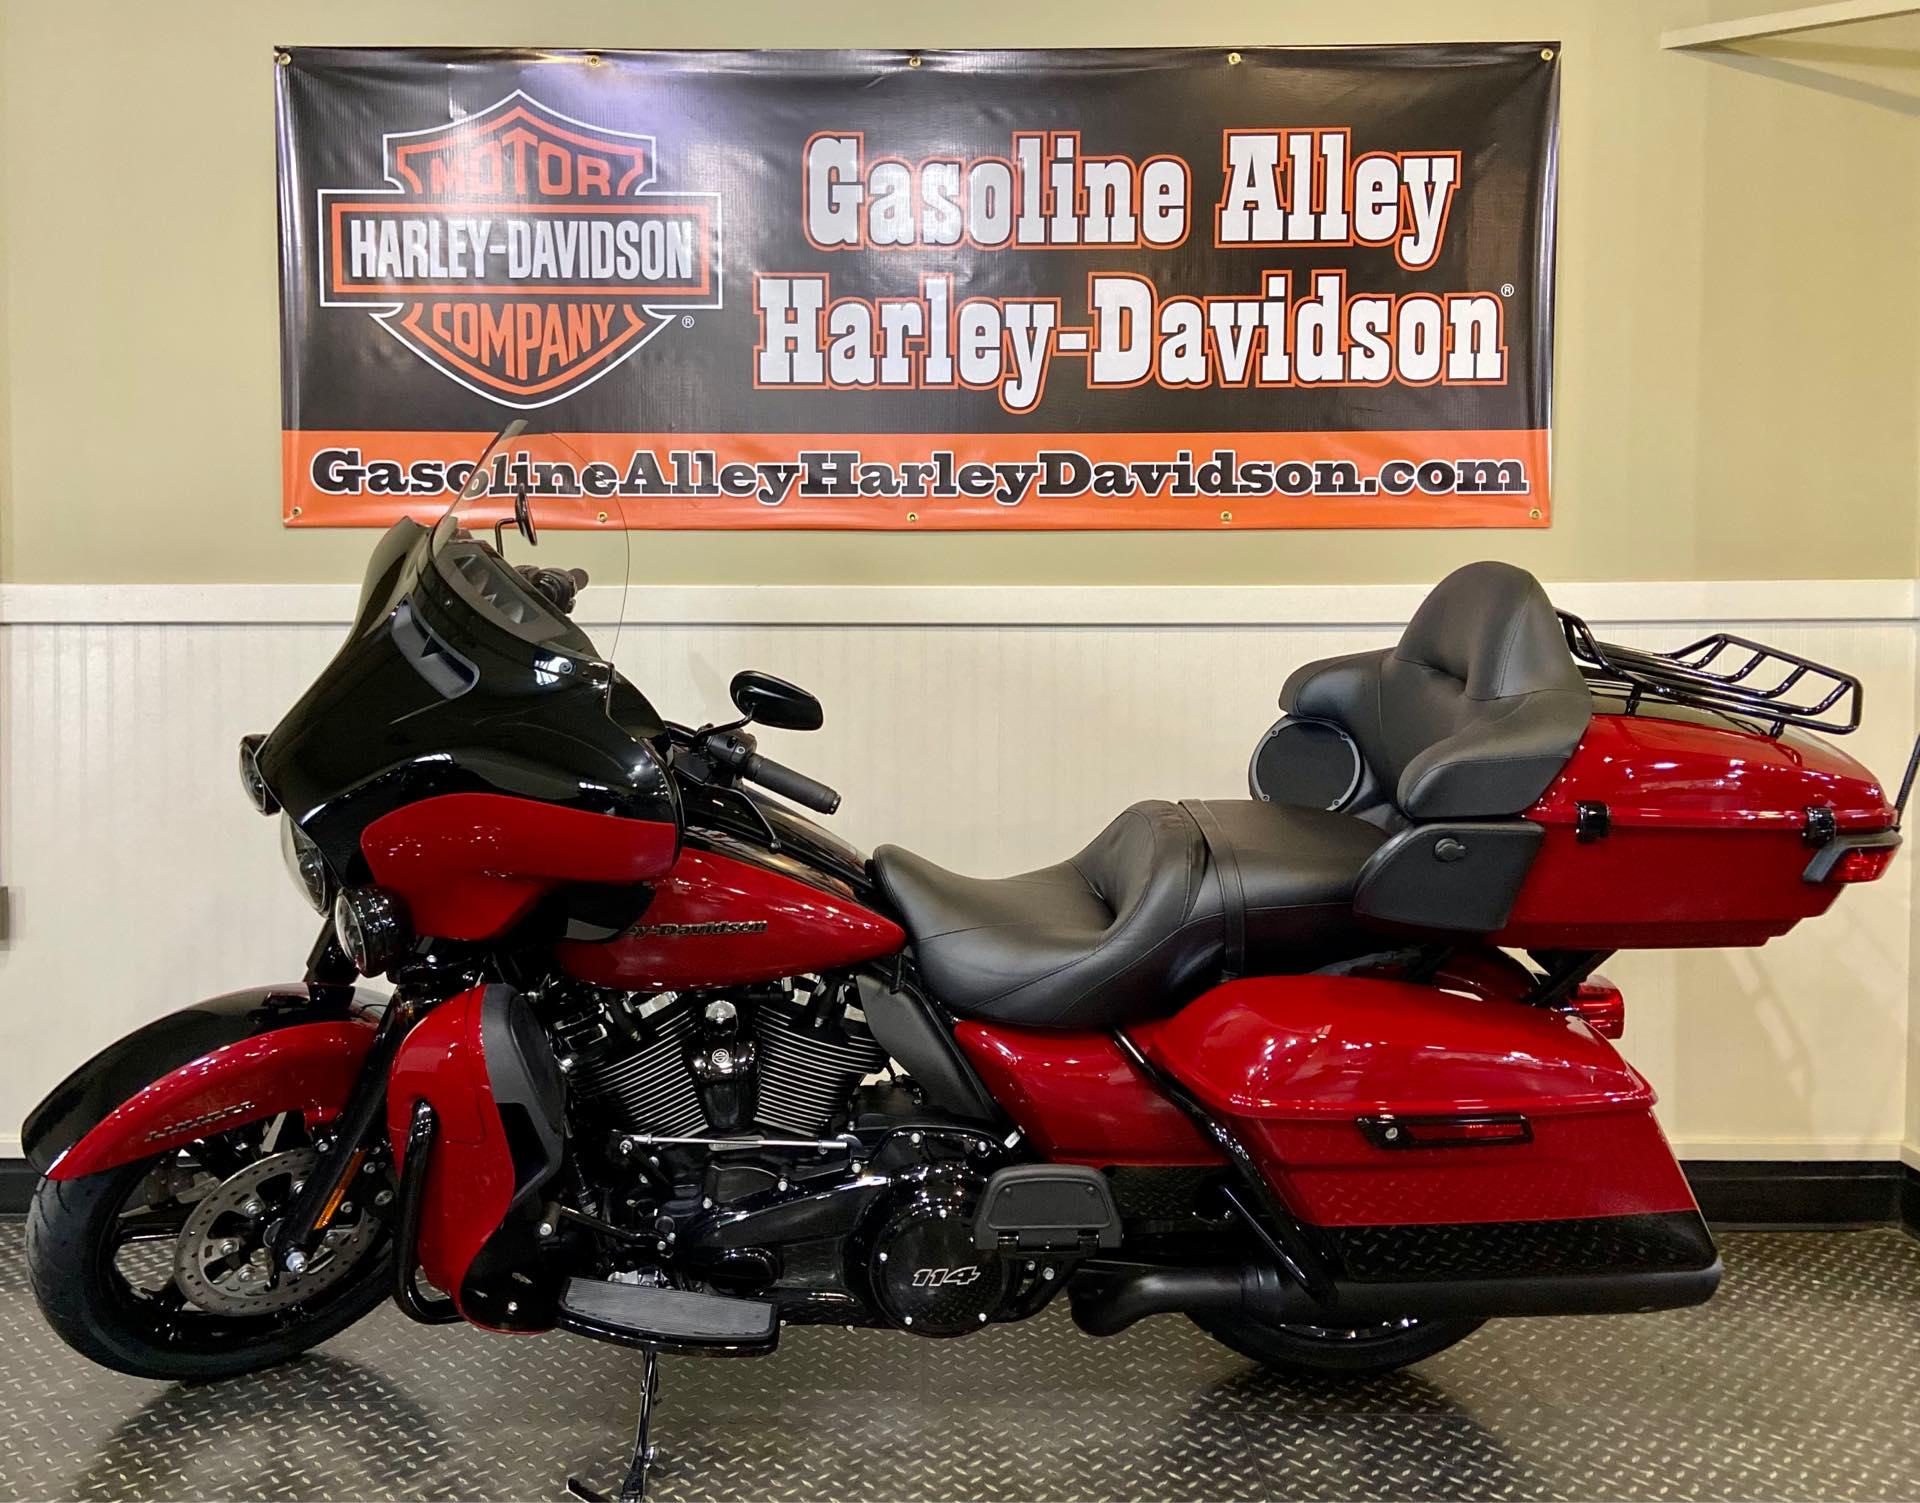 2021 Harley-Davidson Touring FLHTK Ultra Limited at Gasoline Alley Harley-Davidson (Red Deer)